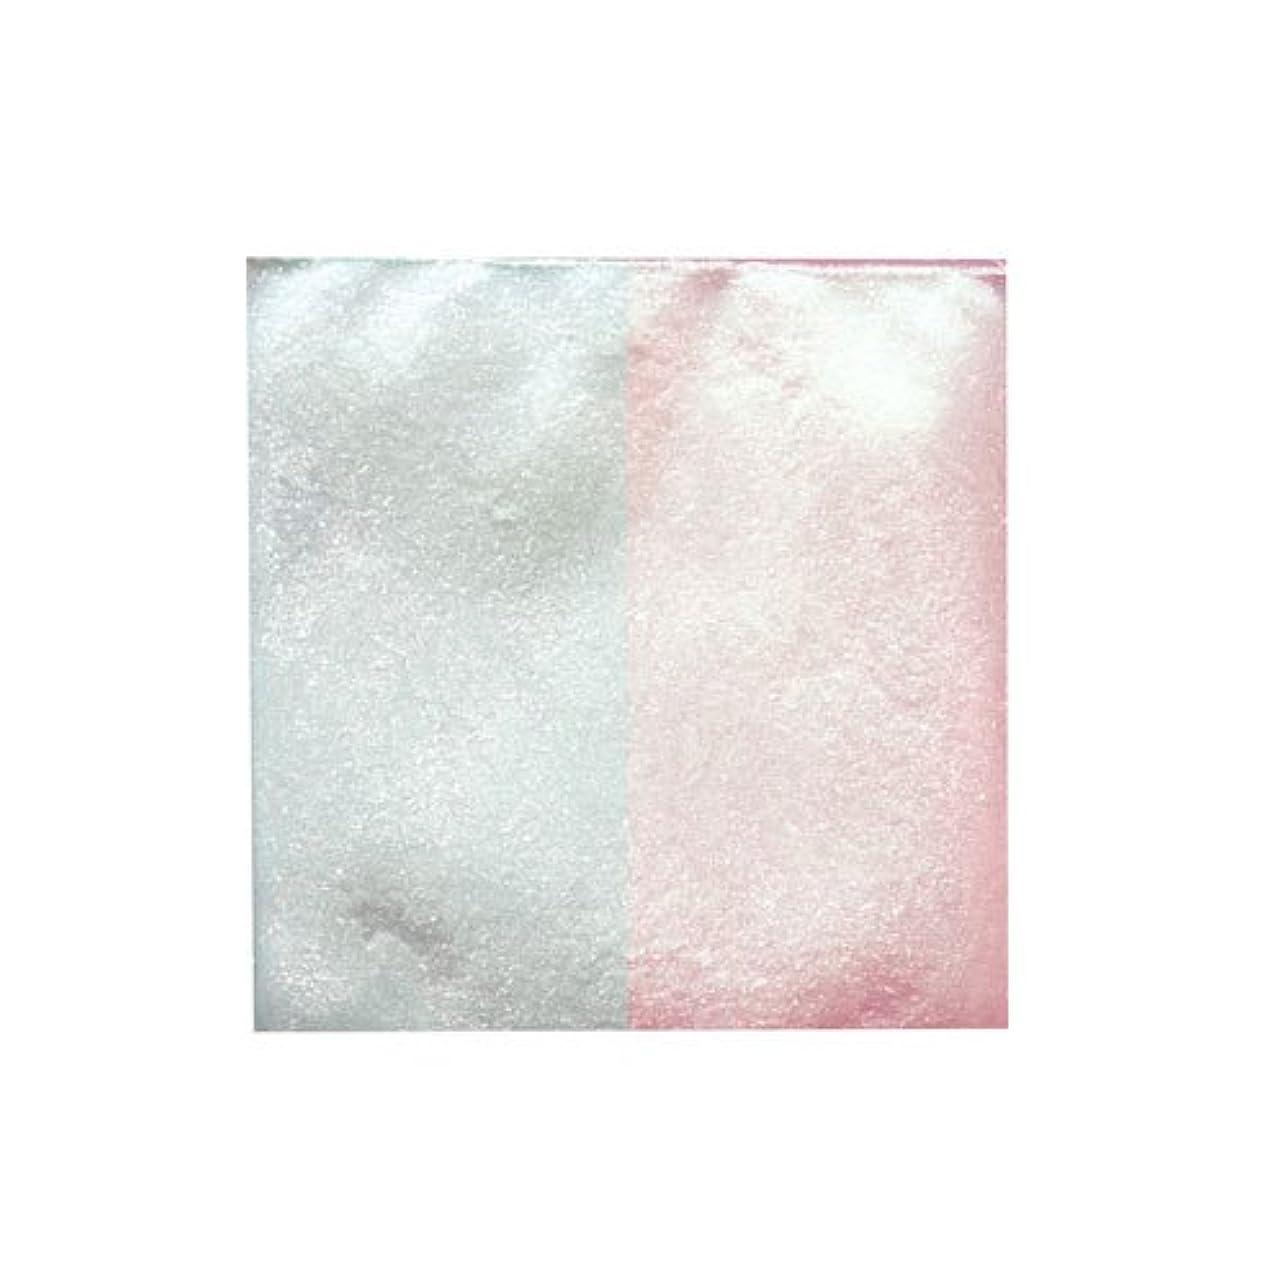 カスケード炎上サーバントピカエース ネイル用パウダー ピカエース シャインダスト #467 ミラーピンク 0.5g アート材